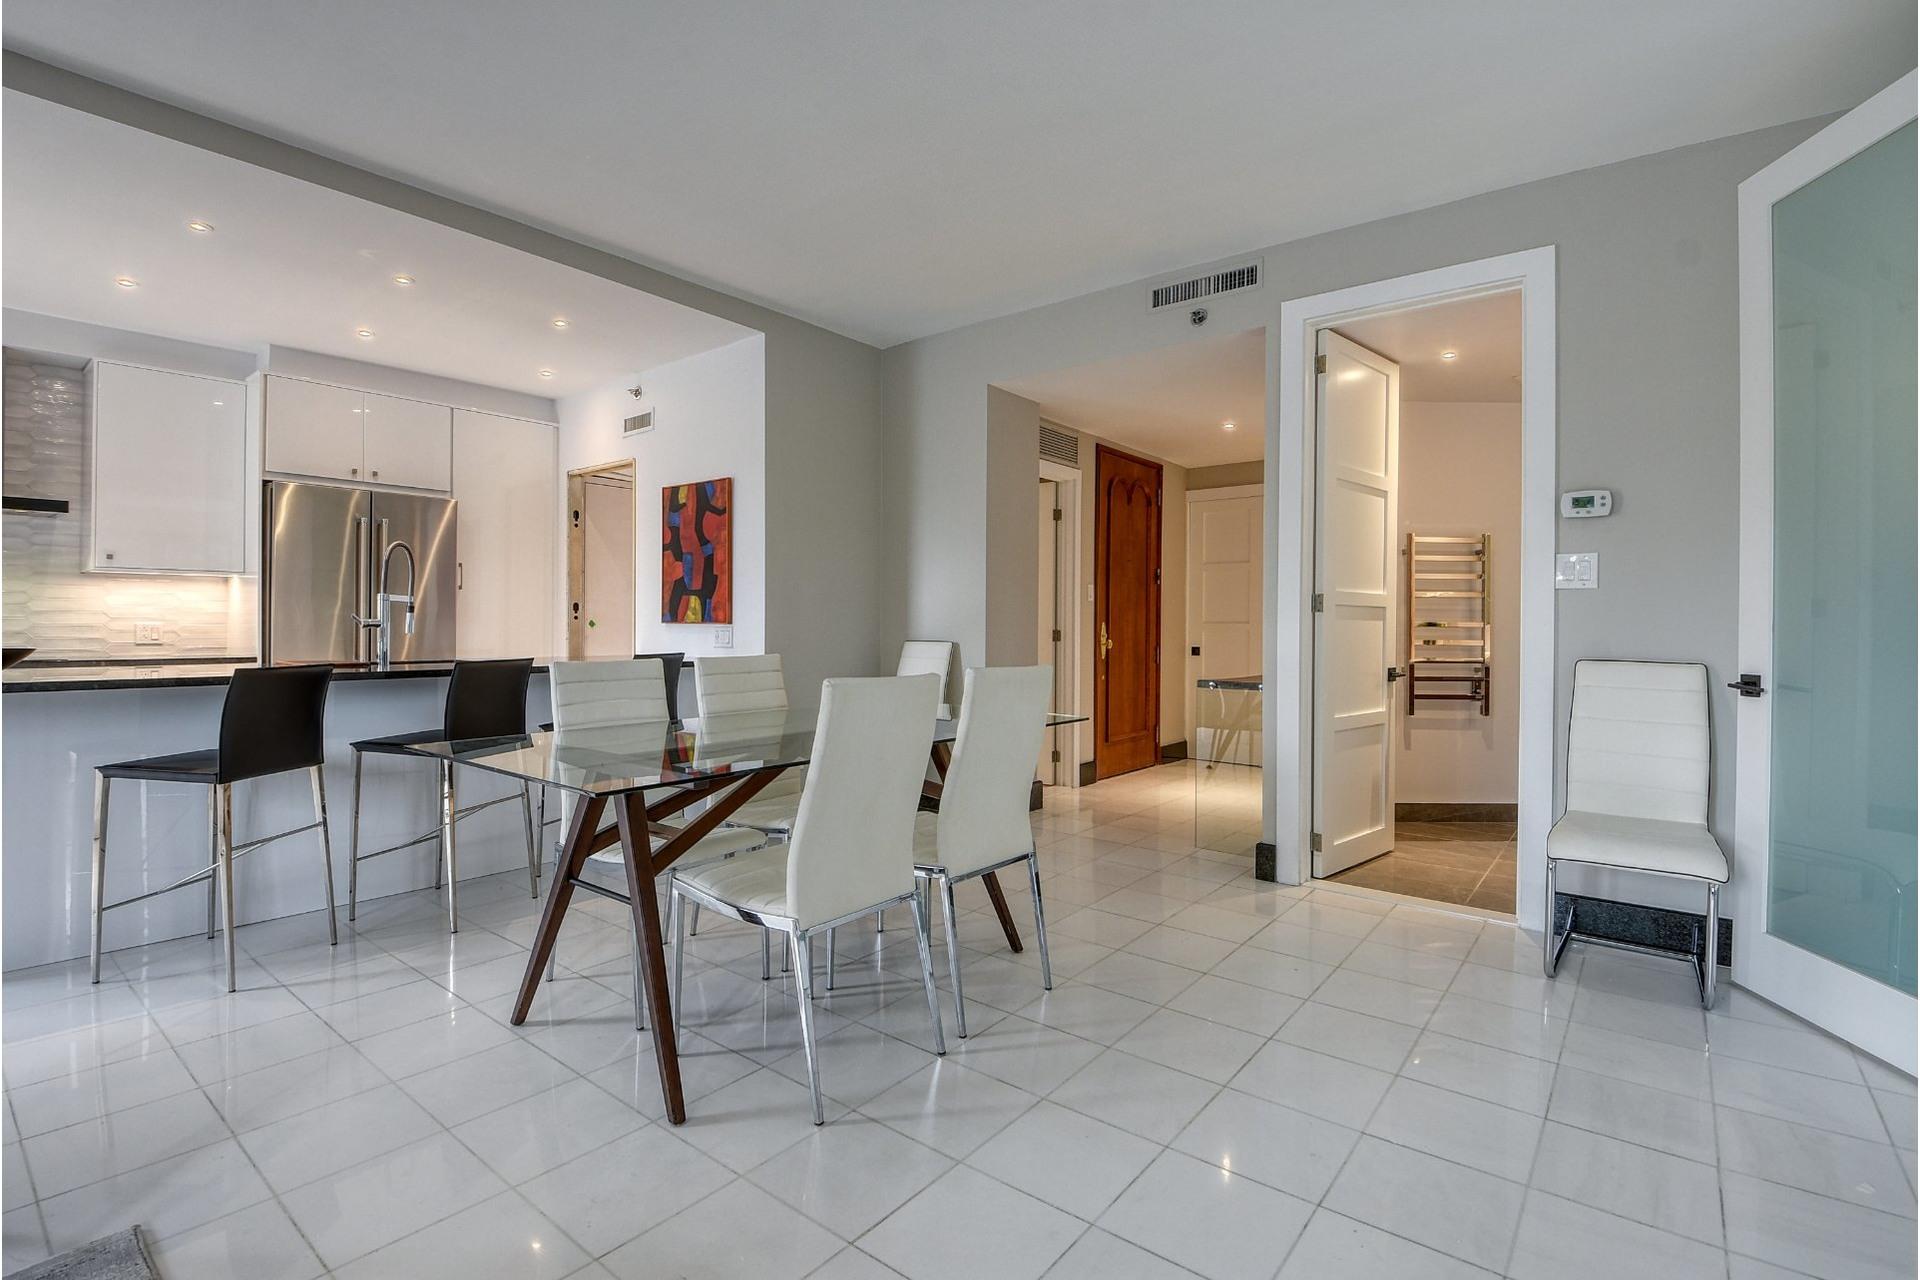 image 5 - Appartement À vendre Westmount - 7 pièces